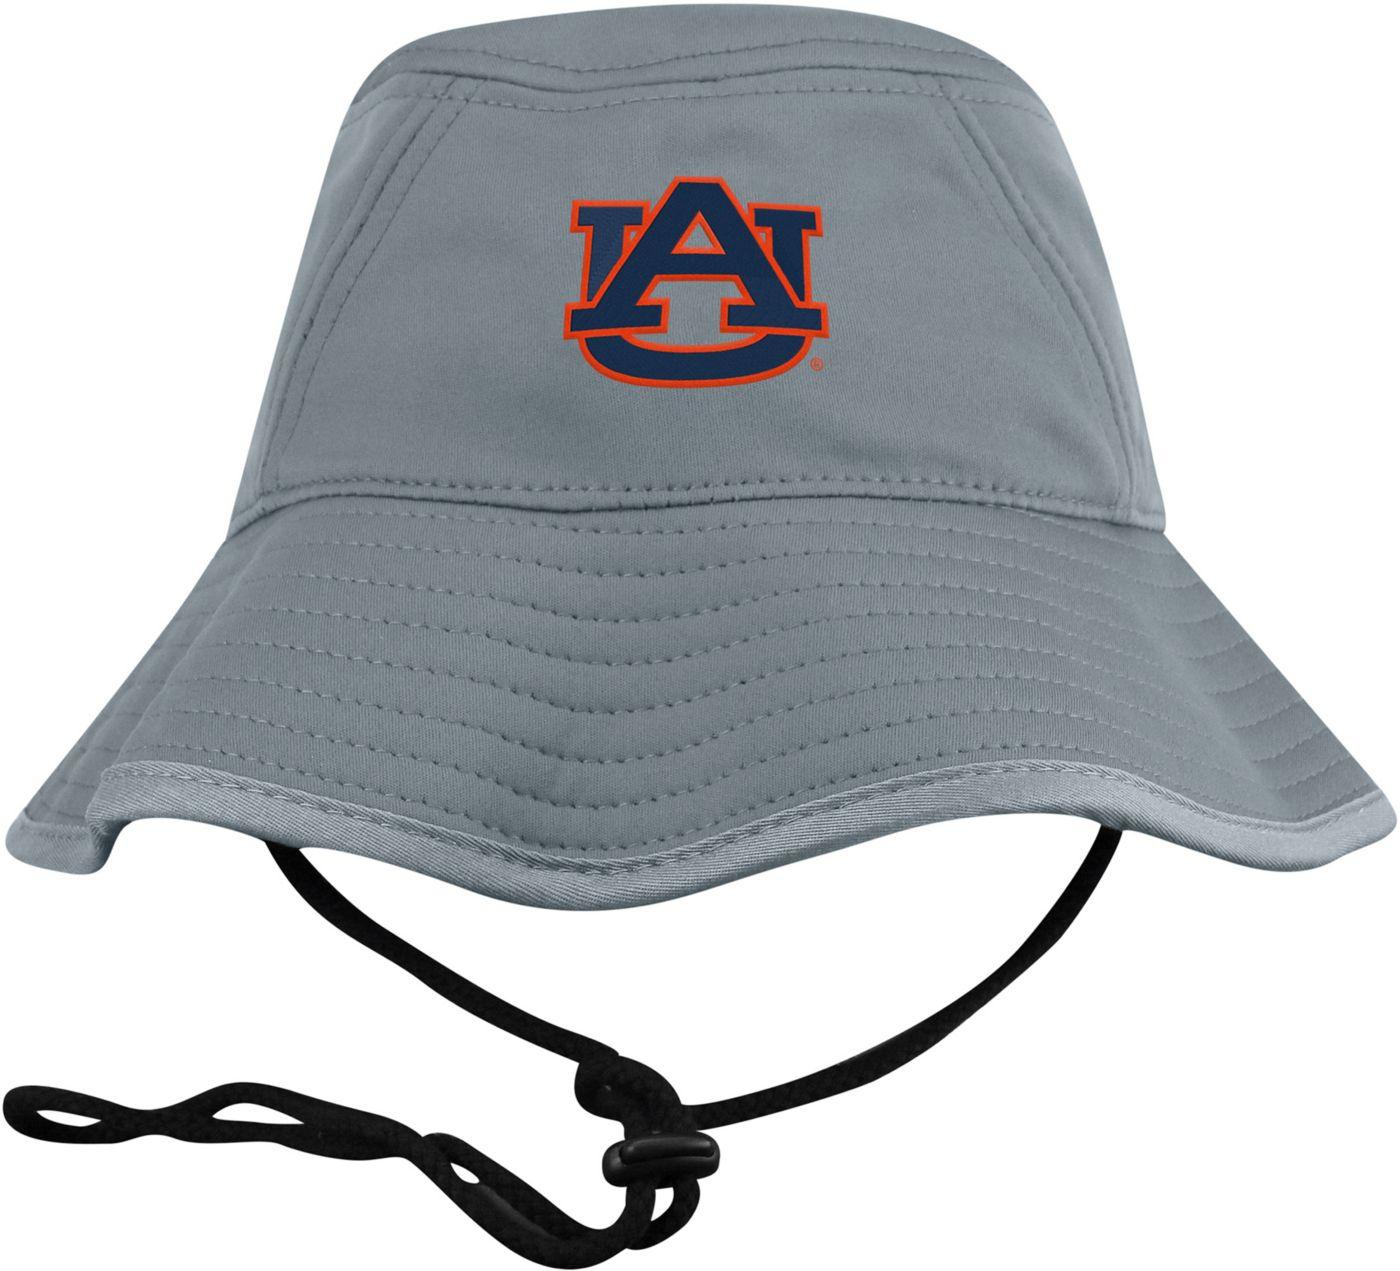 Top of the World Men's Auburn Tigers Grey Bucket Hat